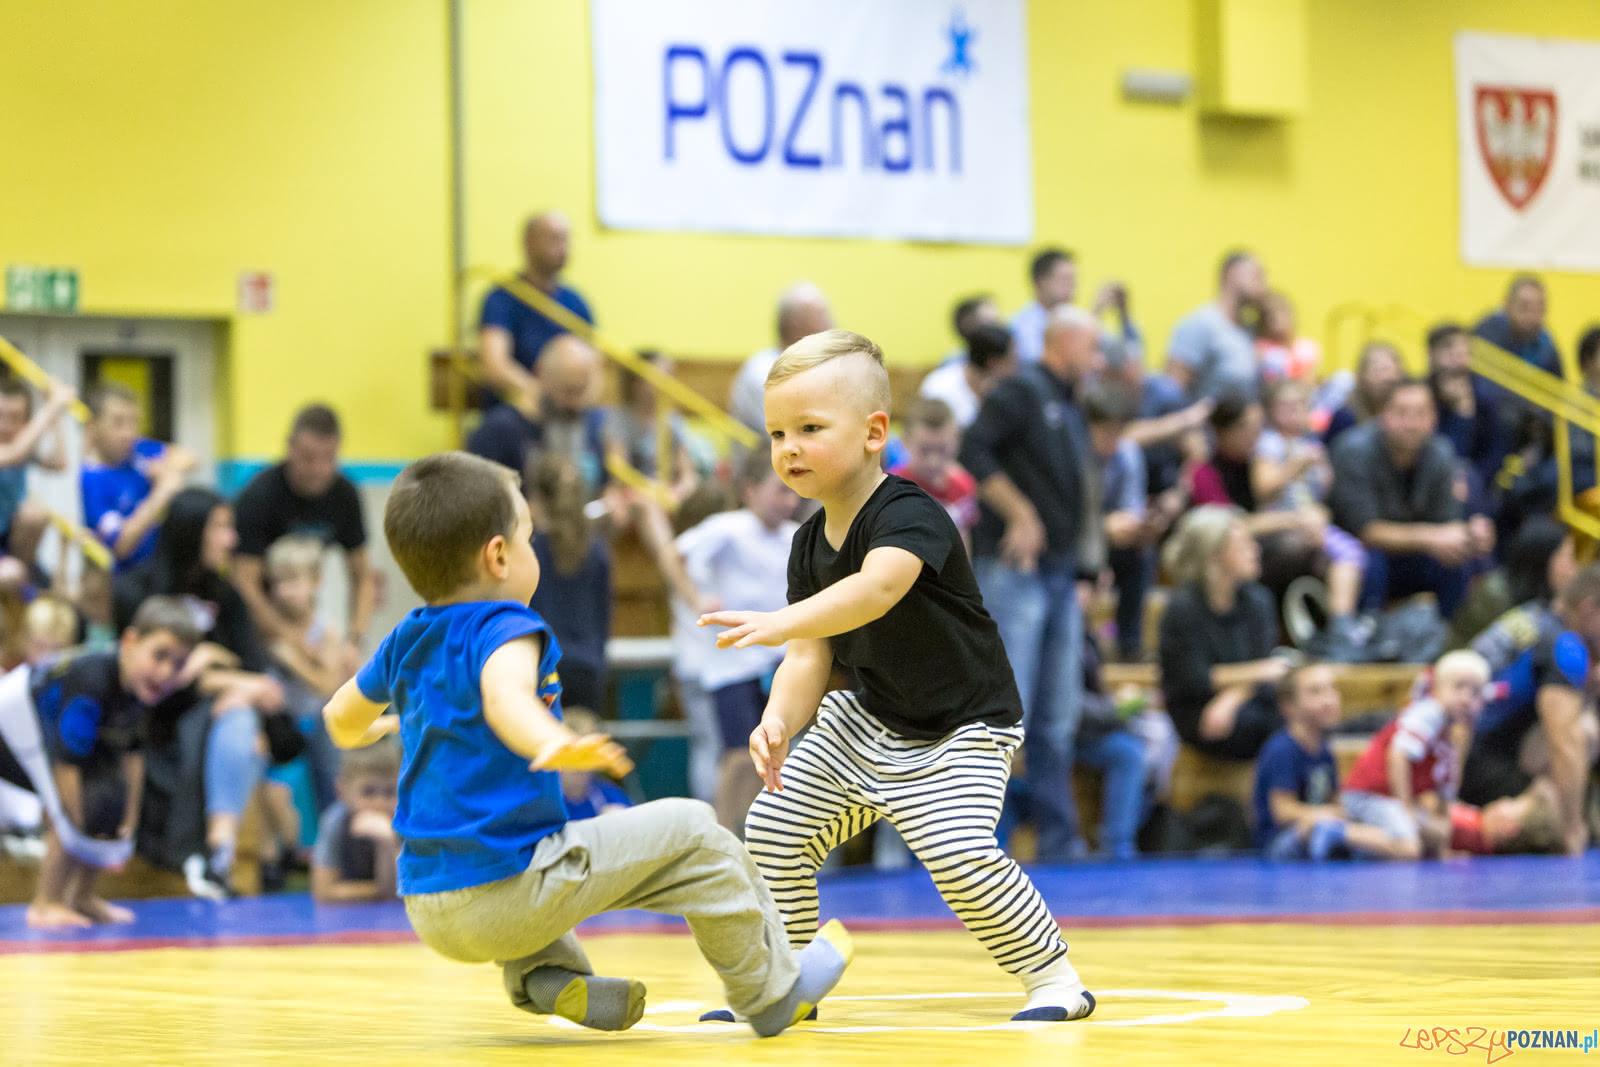 Turniej W Mocowaniu Dla Dzieci  Foto: lepszyPOZNAN.pl/Piotr Rychter